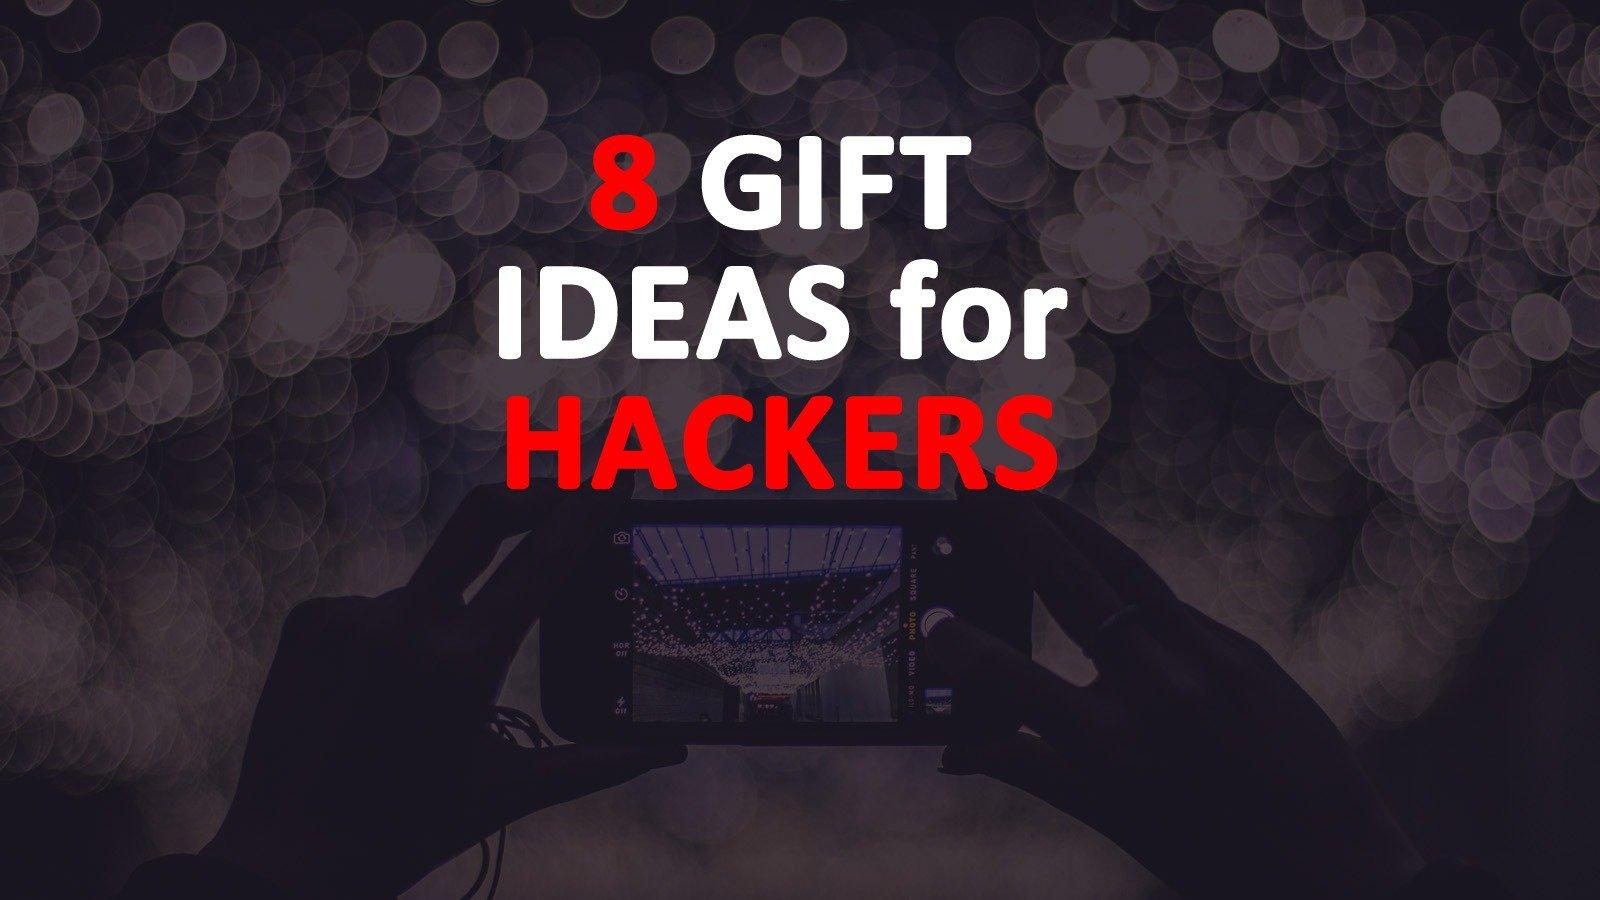 Hacker Gifts